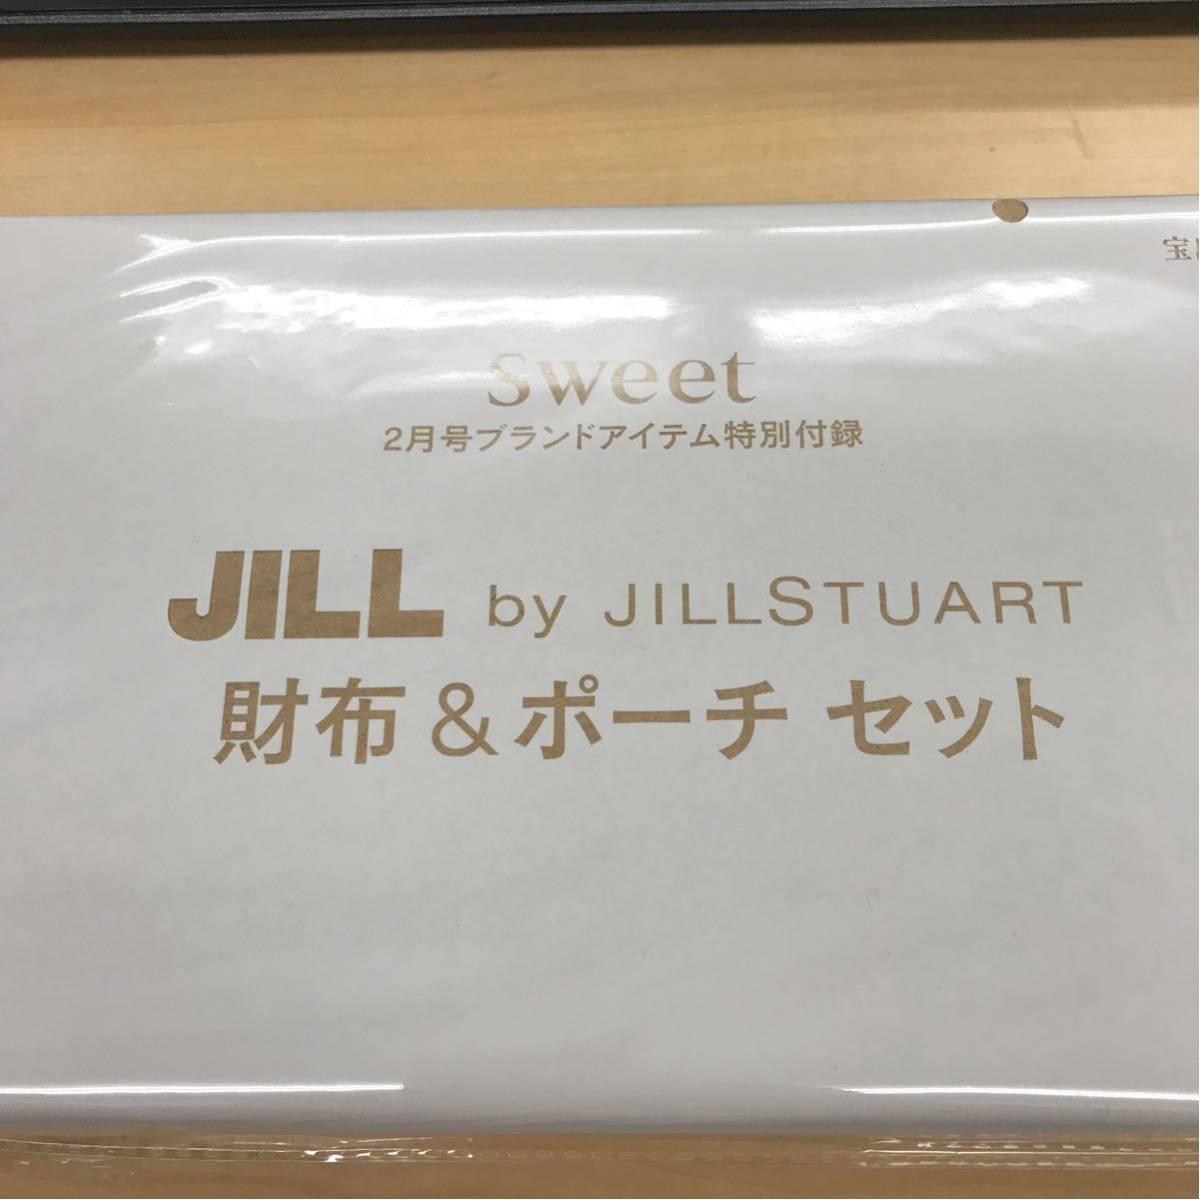 sweet 付録 JILL 財布ポーチセット